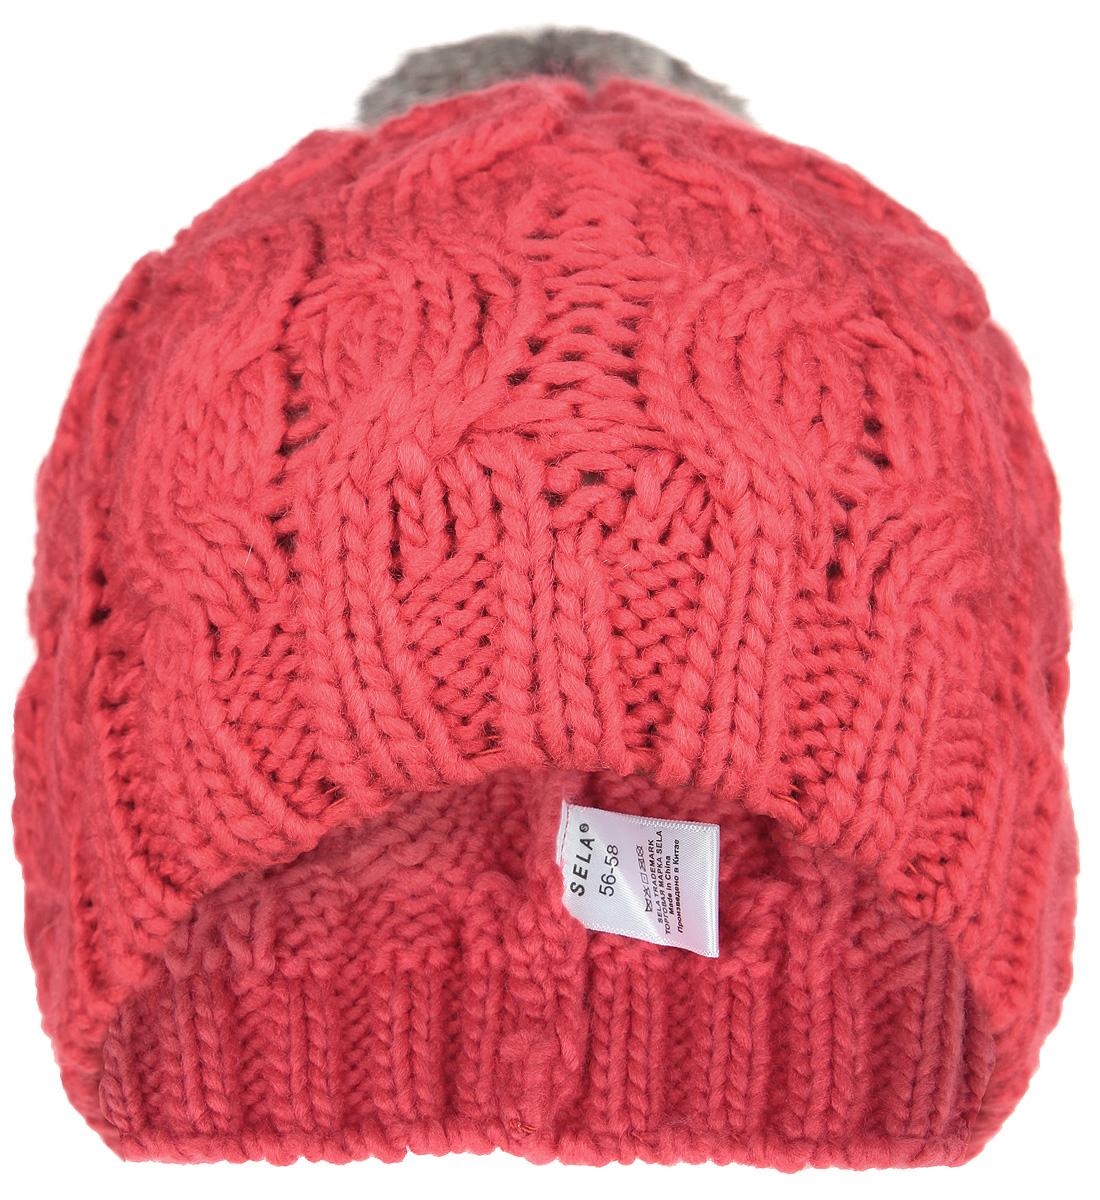 Шапка женская. HAk-141/299-5404HAk-141/299-5404Стильная женская шапка Sela дополнит ваш наряд и не позволит вам замерзнуть в холодное время года. Шапка крупной вязки выполнена из высококачественной акриловой пряжи, что позволяет ей великолепно сохранять тепло и обеспечивает высокую эластичность и удобство посадки. Шапка выполнена оригинальным волнообразным узором и украшена небольшим пушистым помпоном. Такой головной убор, несомненно, понравится и поможет создать актуальный образ.